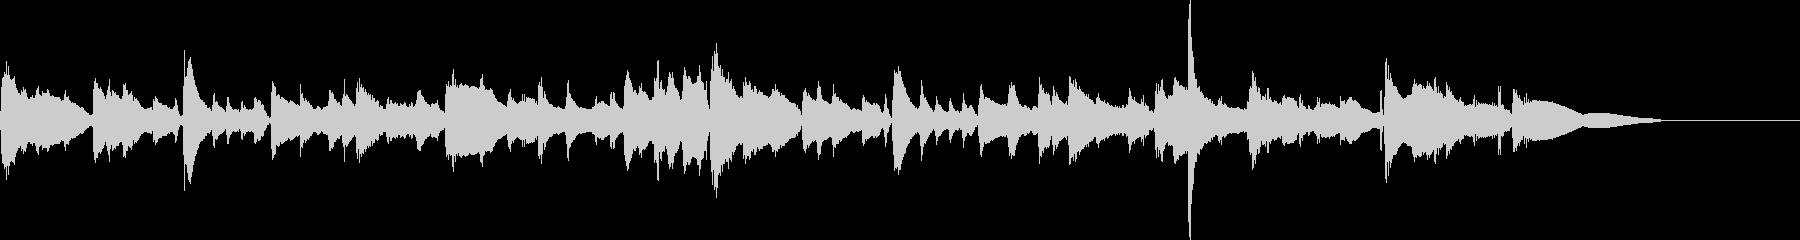 ギターによる40秒程度の短曲の未再生の波形